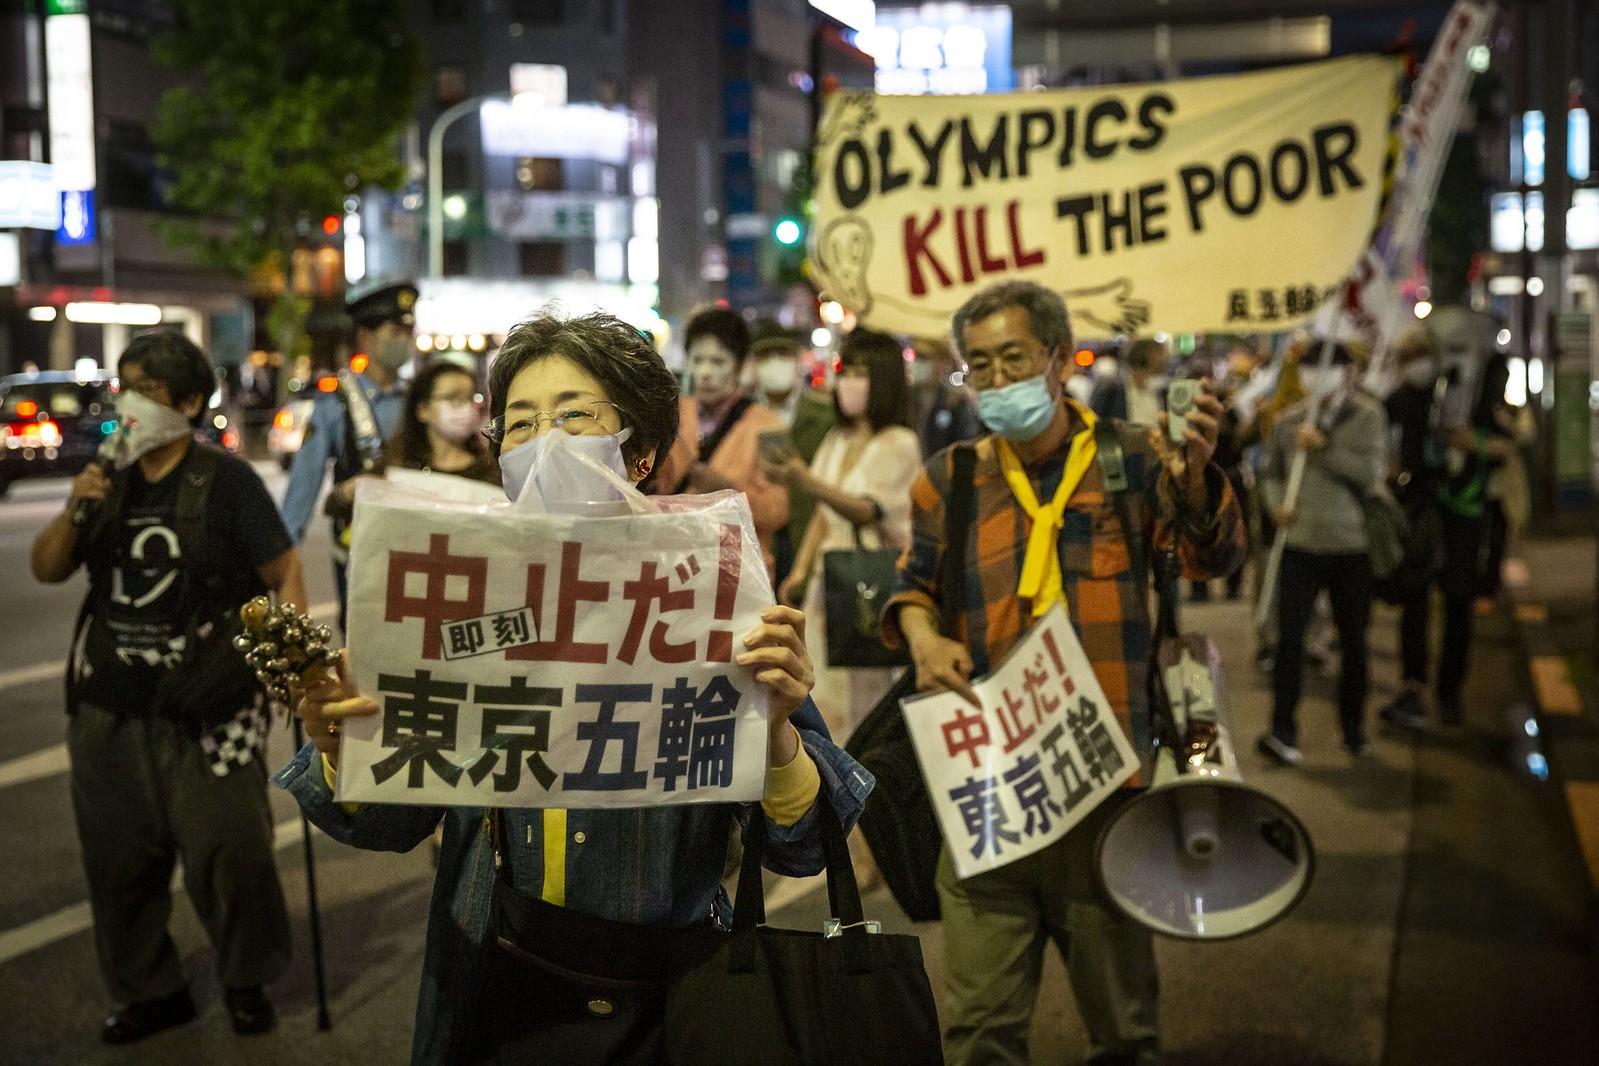 高達八成的日本民眾反對奧運於今年夏天舉辦。(圖片來源:The New Republic)